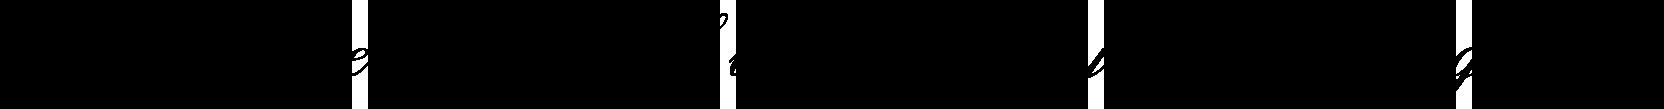 Regency font